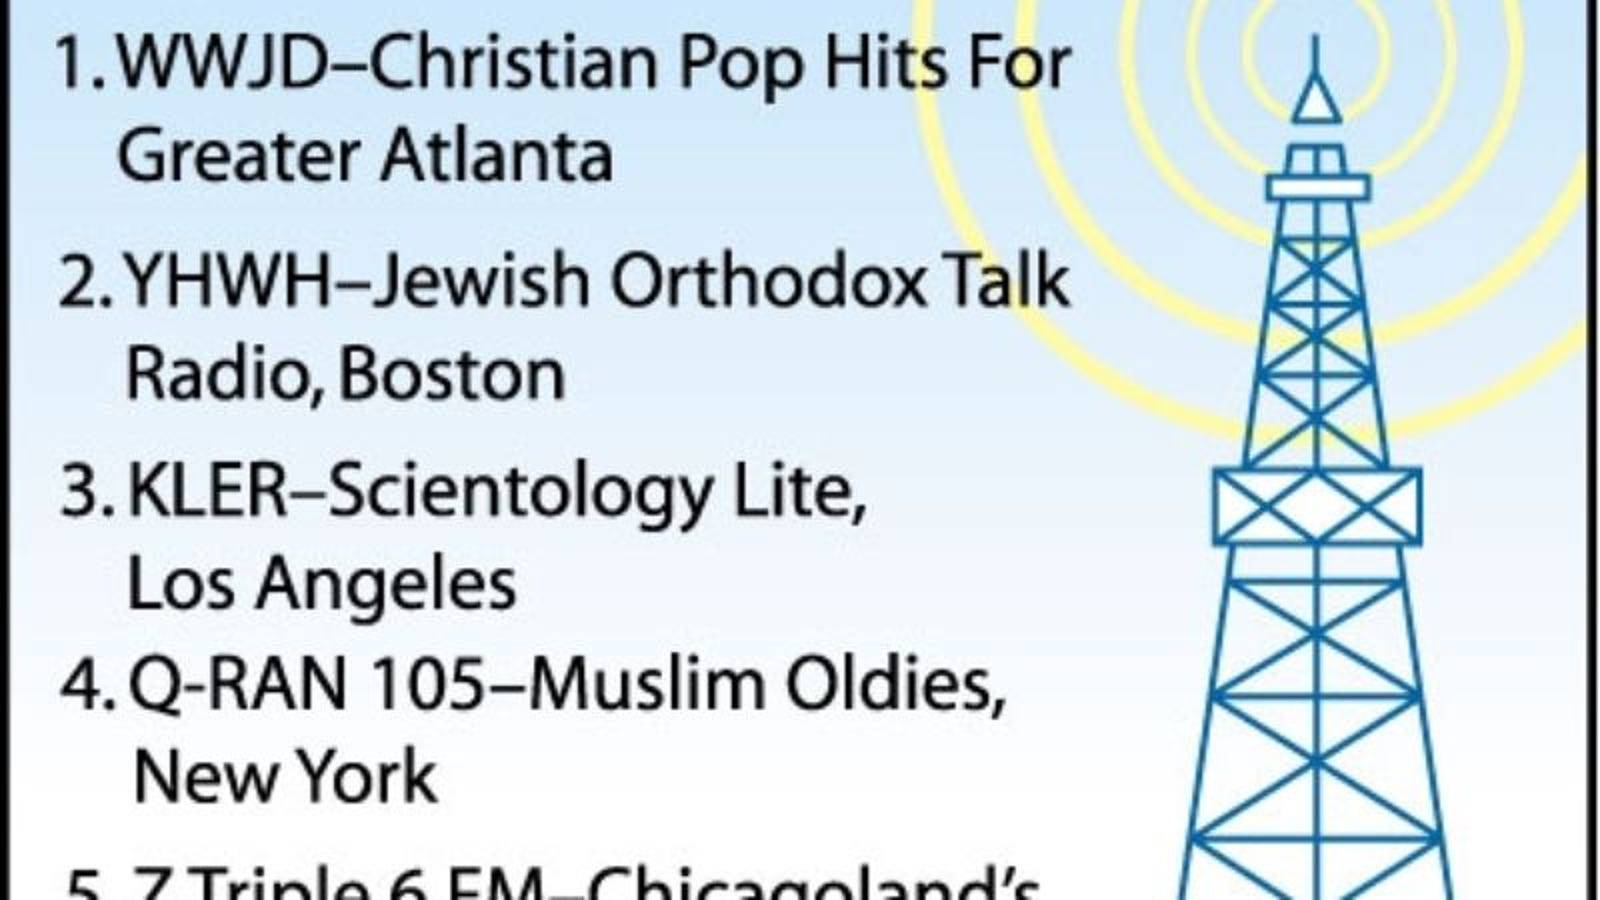 Top Religious Radio Stations